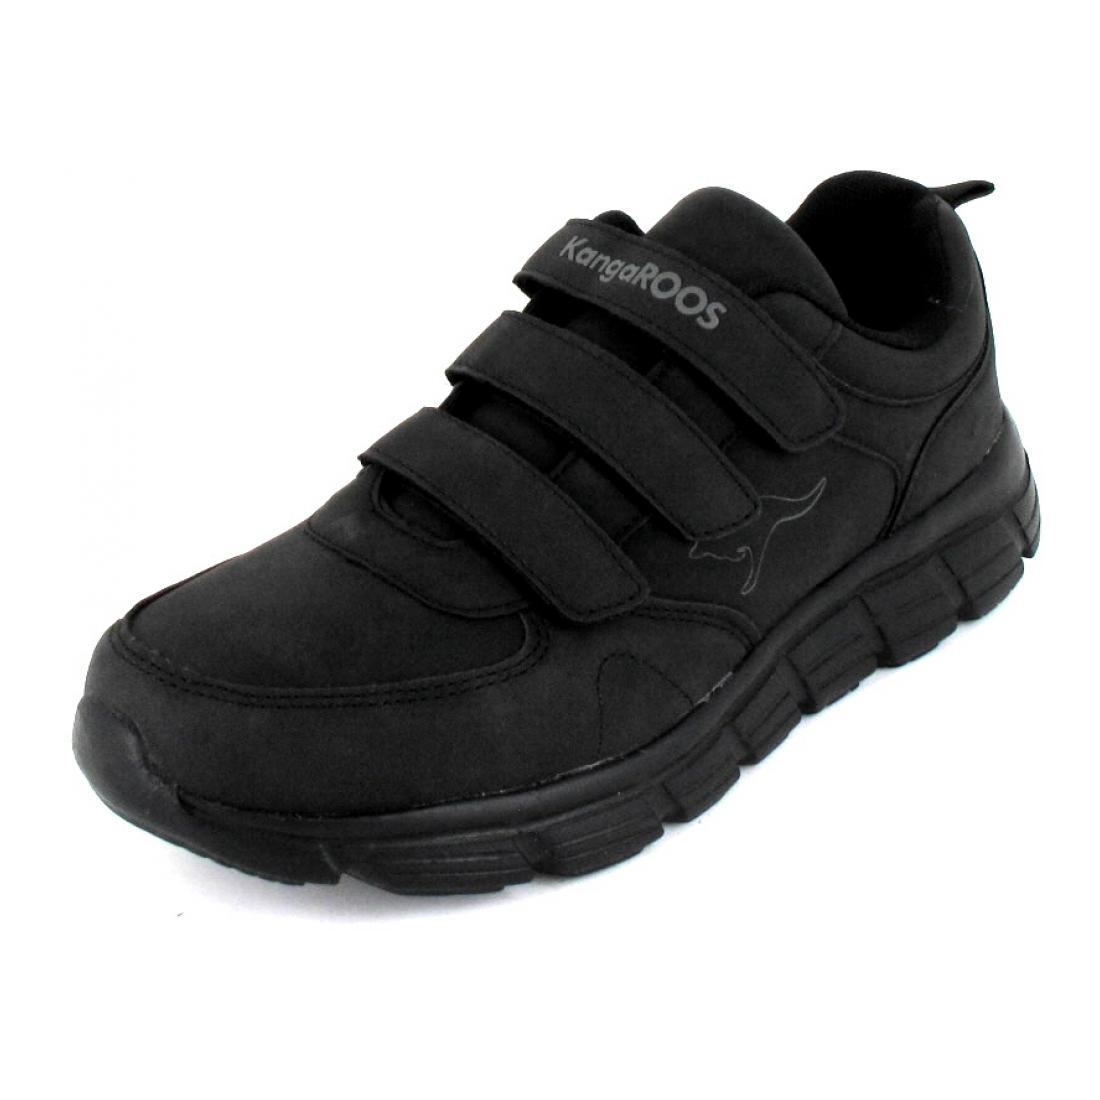 KangaRoos Sneaker KR-Arla V